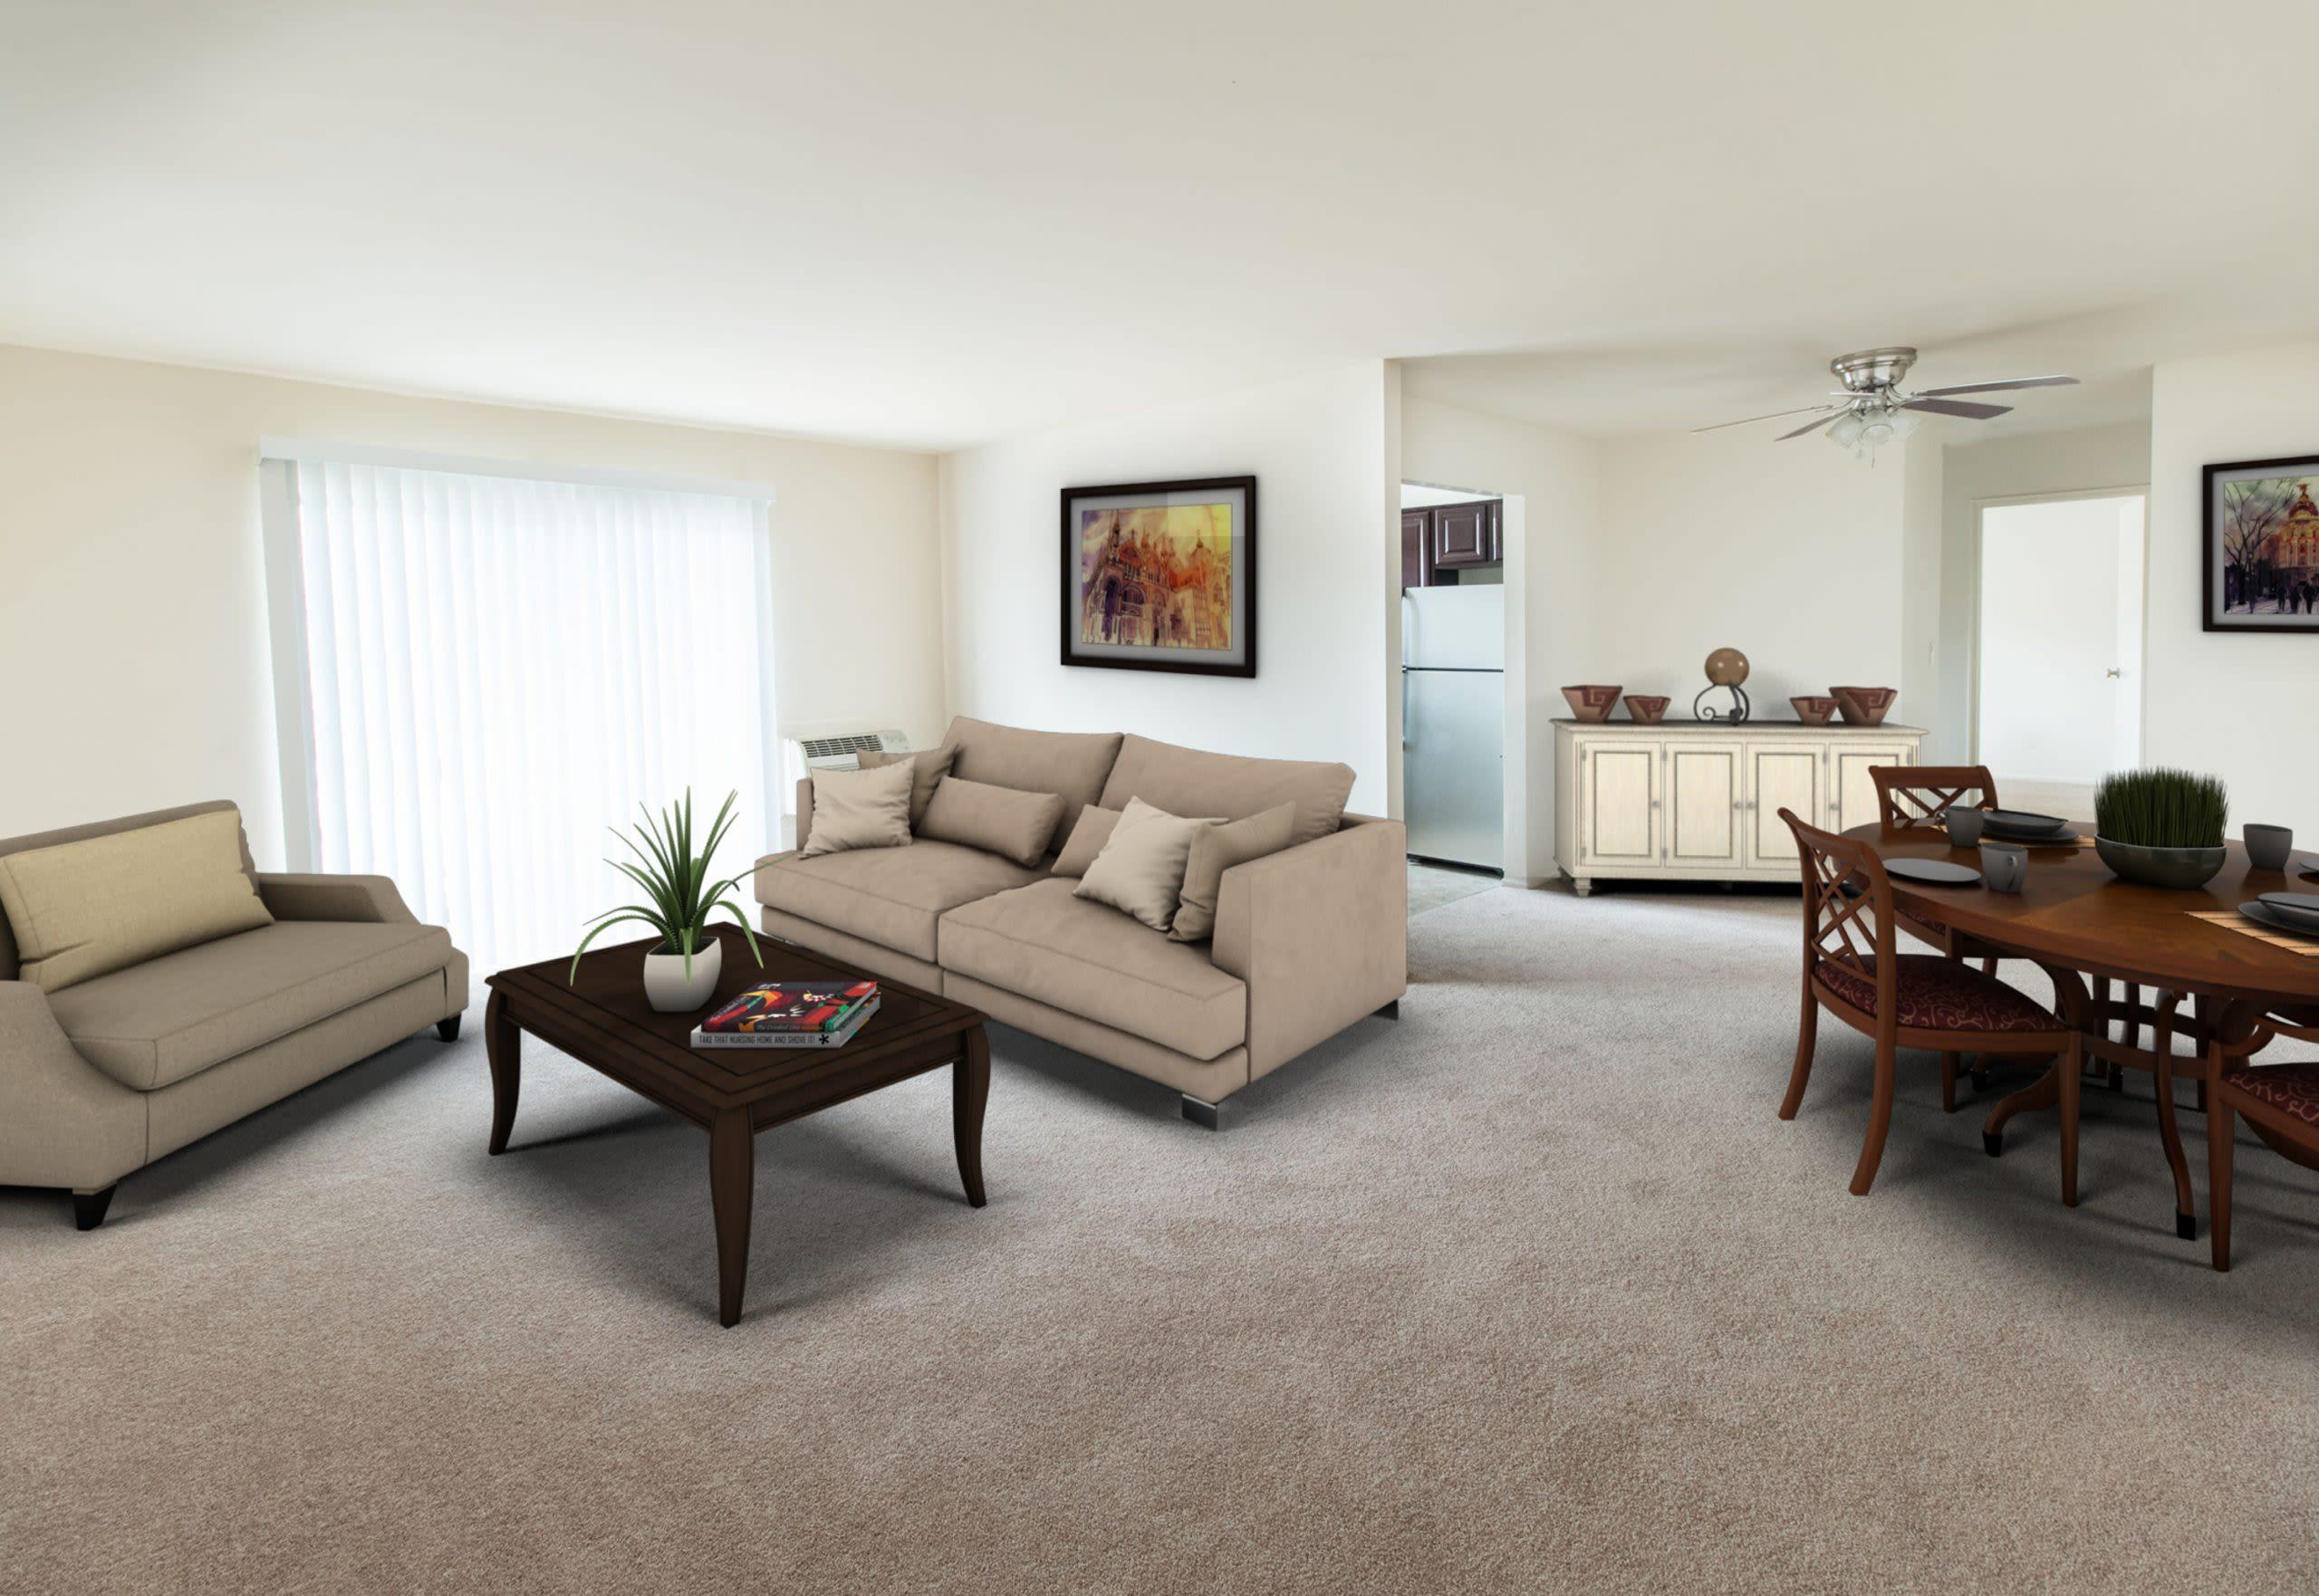 Model living room at Brakeley Gardens in Phillipsburg, New Jersey